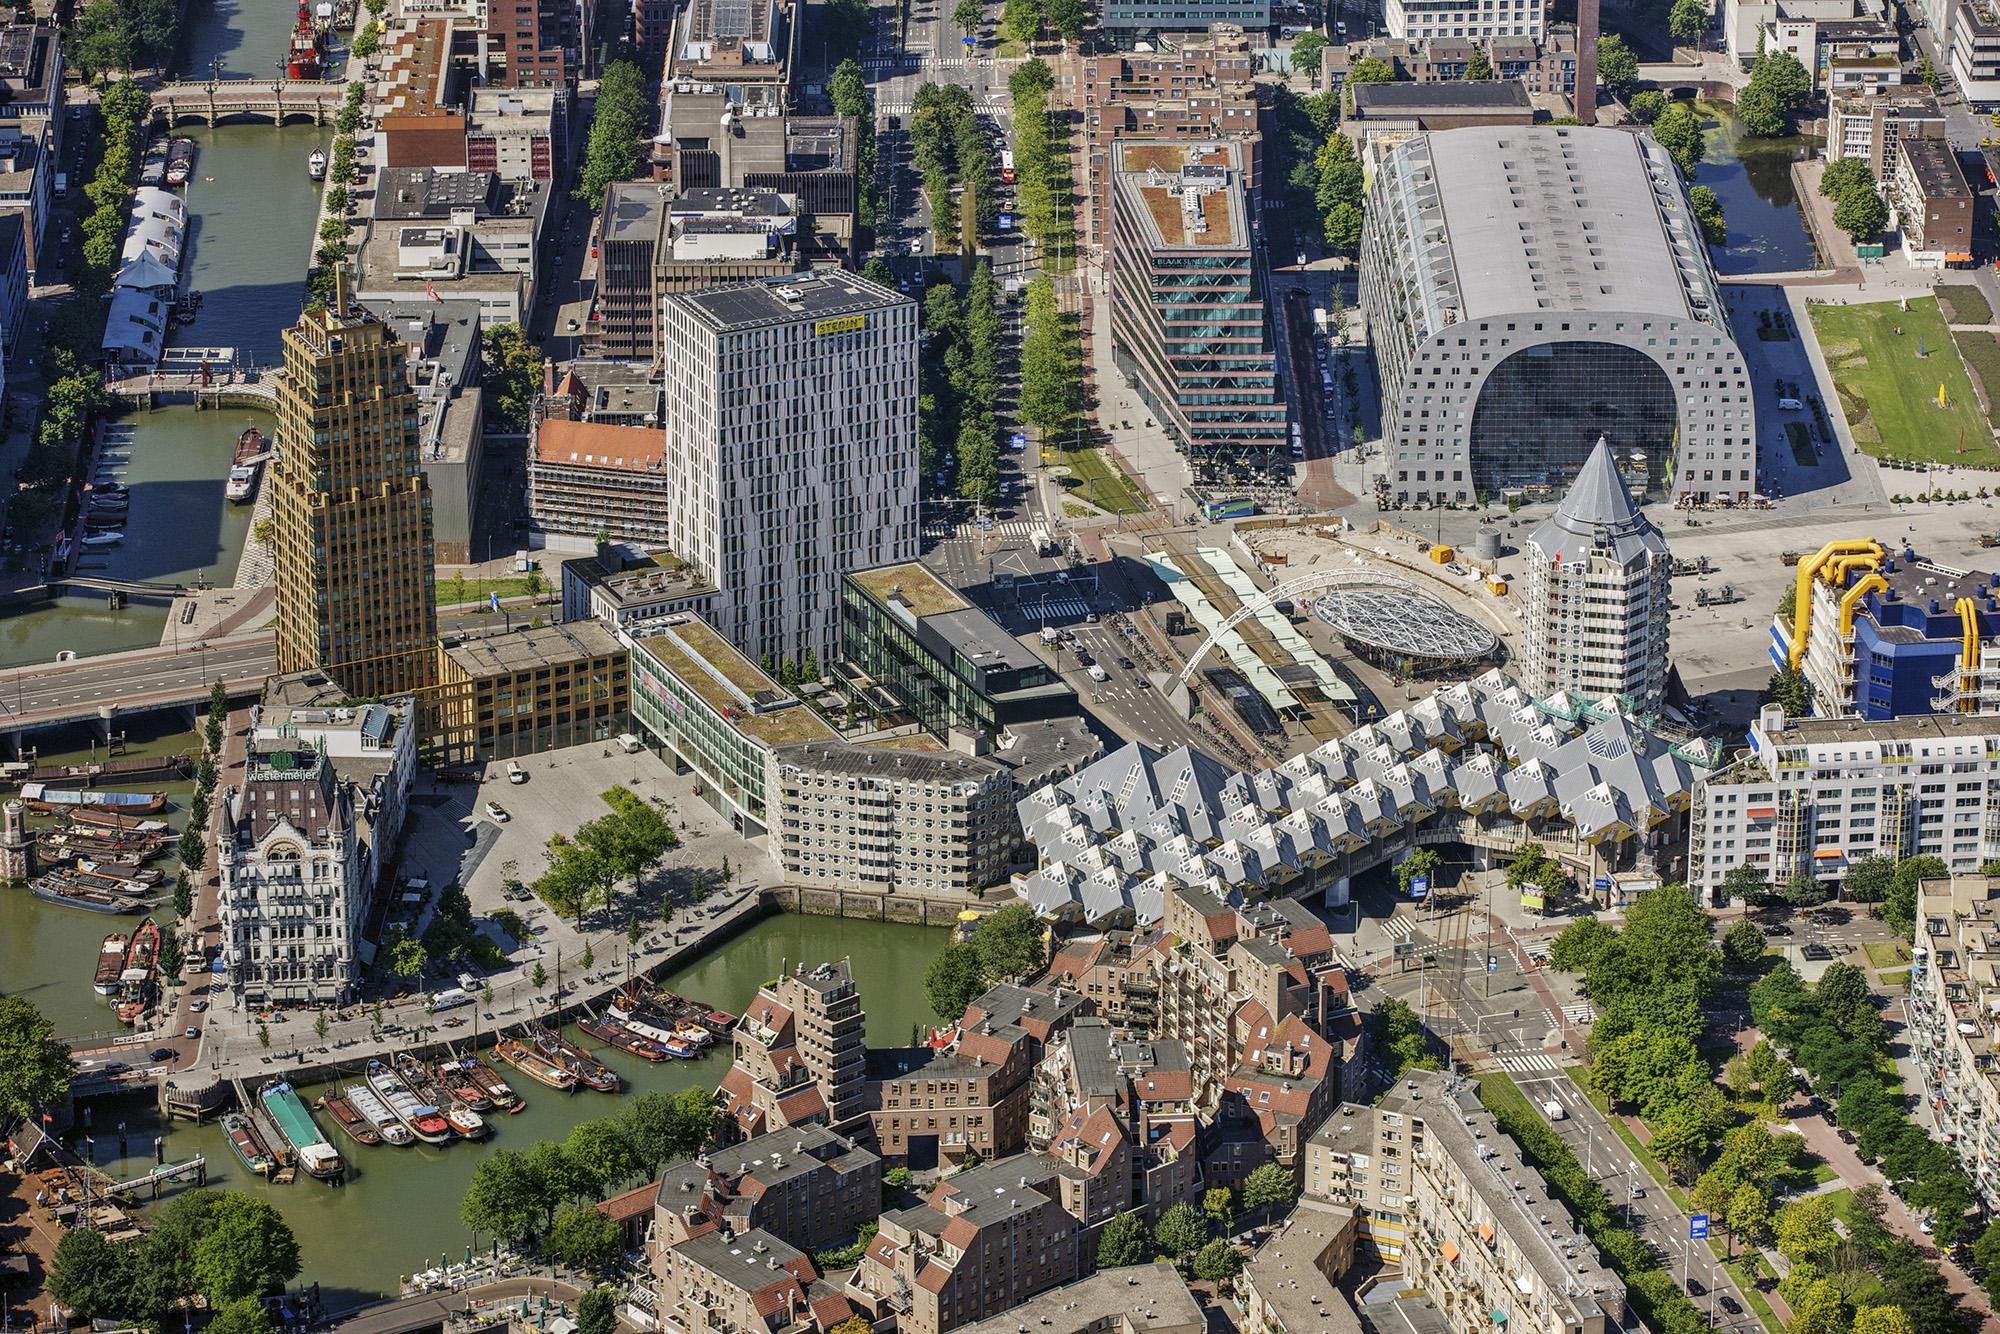 Rotterdam onbewolkt Peter Elenbaas 8